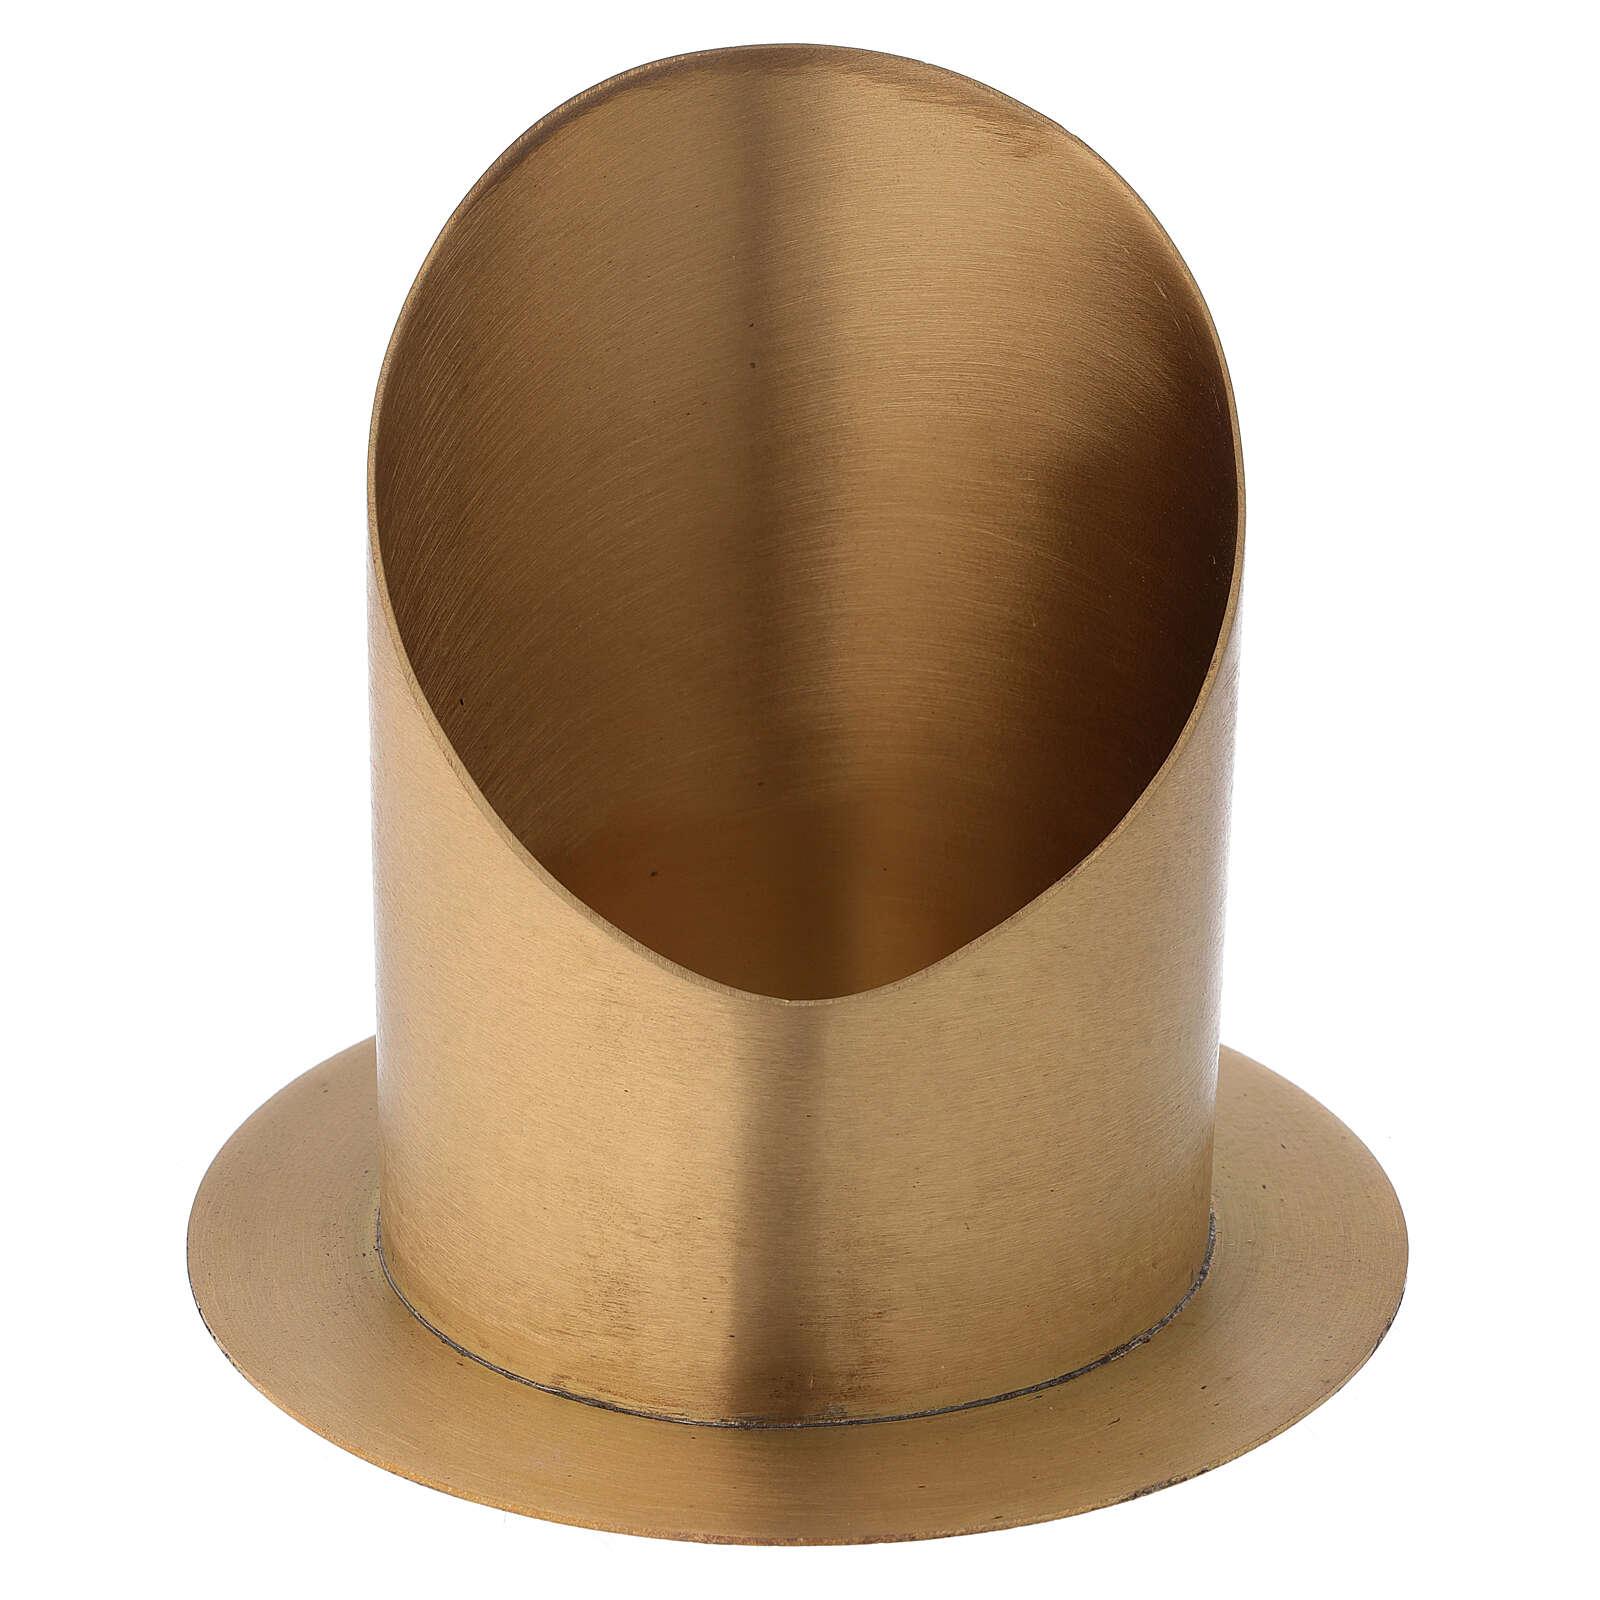 Portavela corte oblicuo latón dorado satinado diámetro 10 cm 4